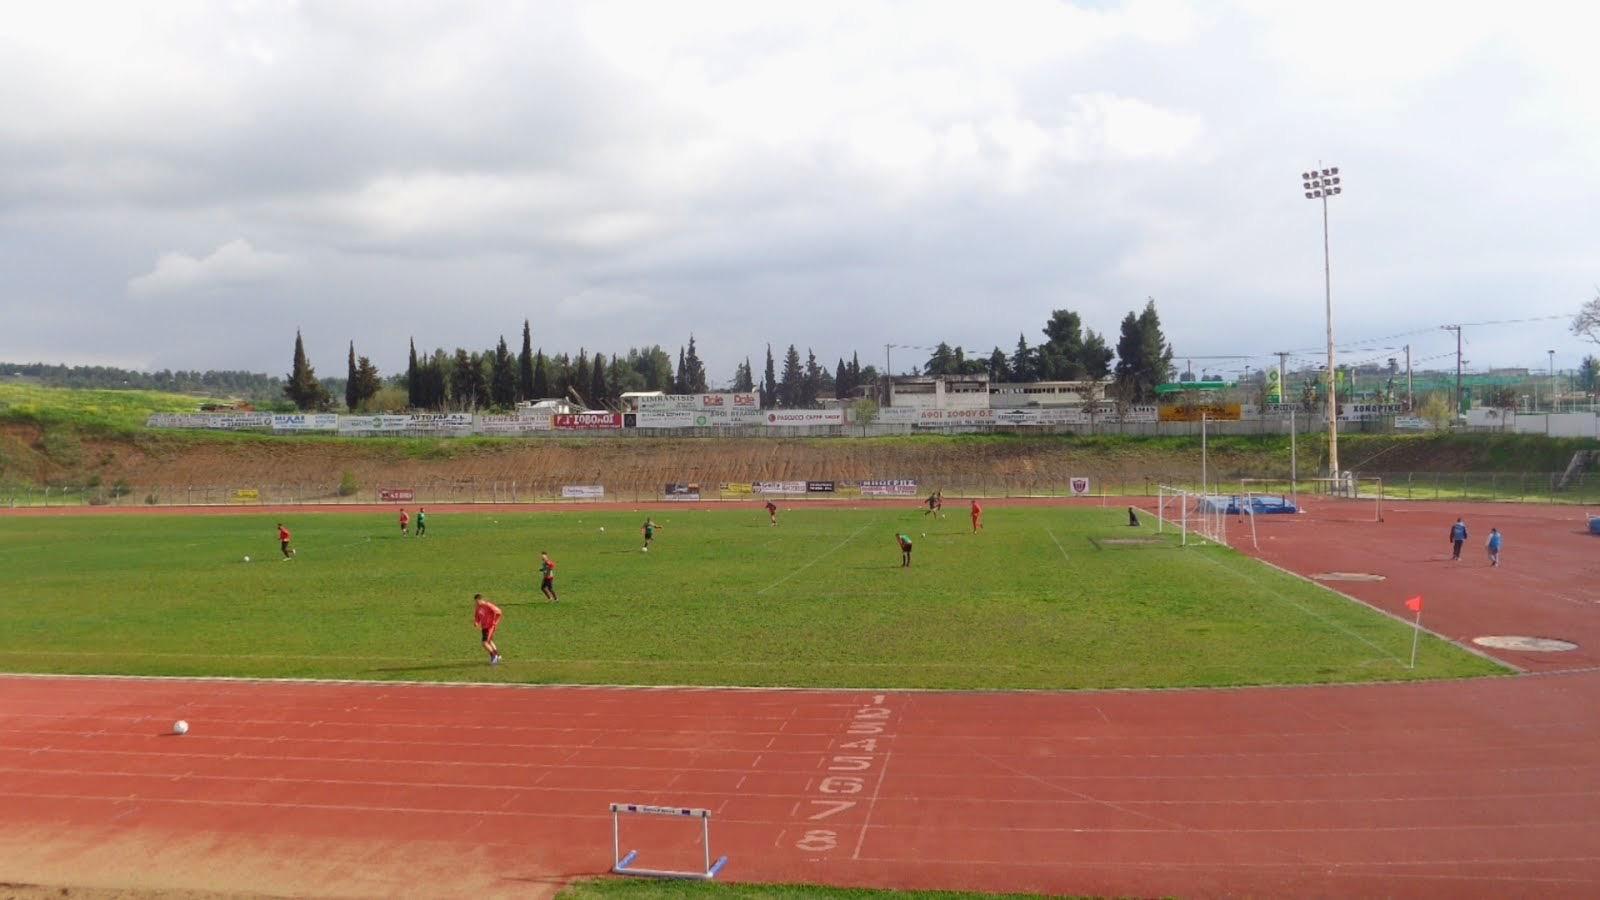 Σπανός: Η Περιφέρεια Στερεάς Ελλάδας βελτιώνει τις αθλητικές εγκαταστάσεις του Δημοτικού Σταδίου Θήβας